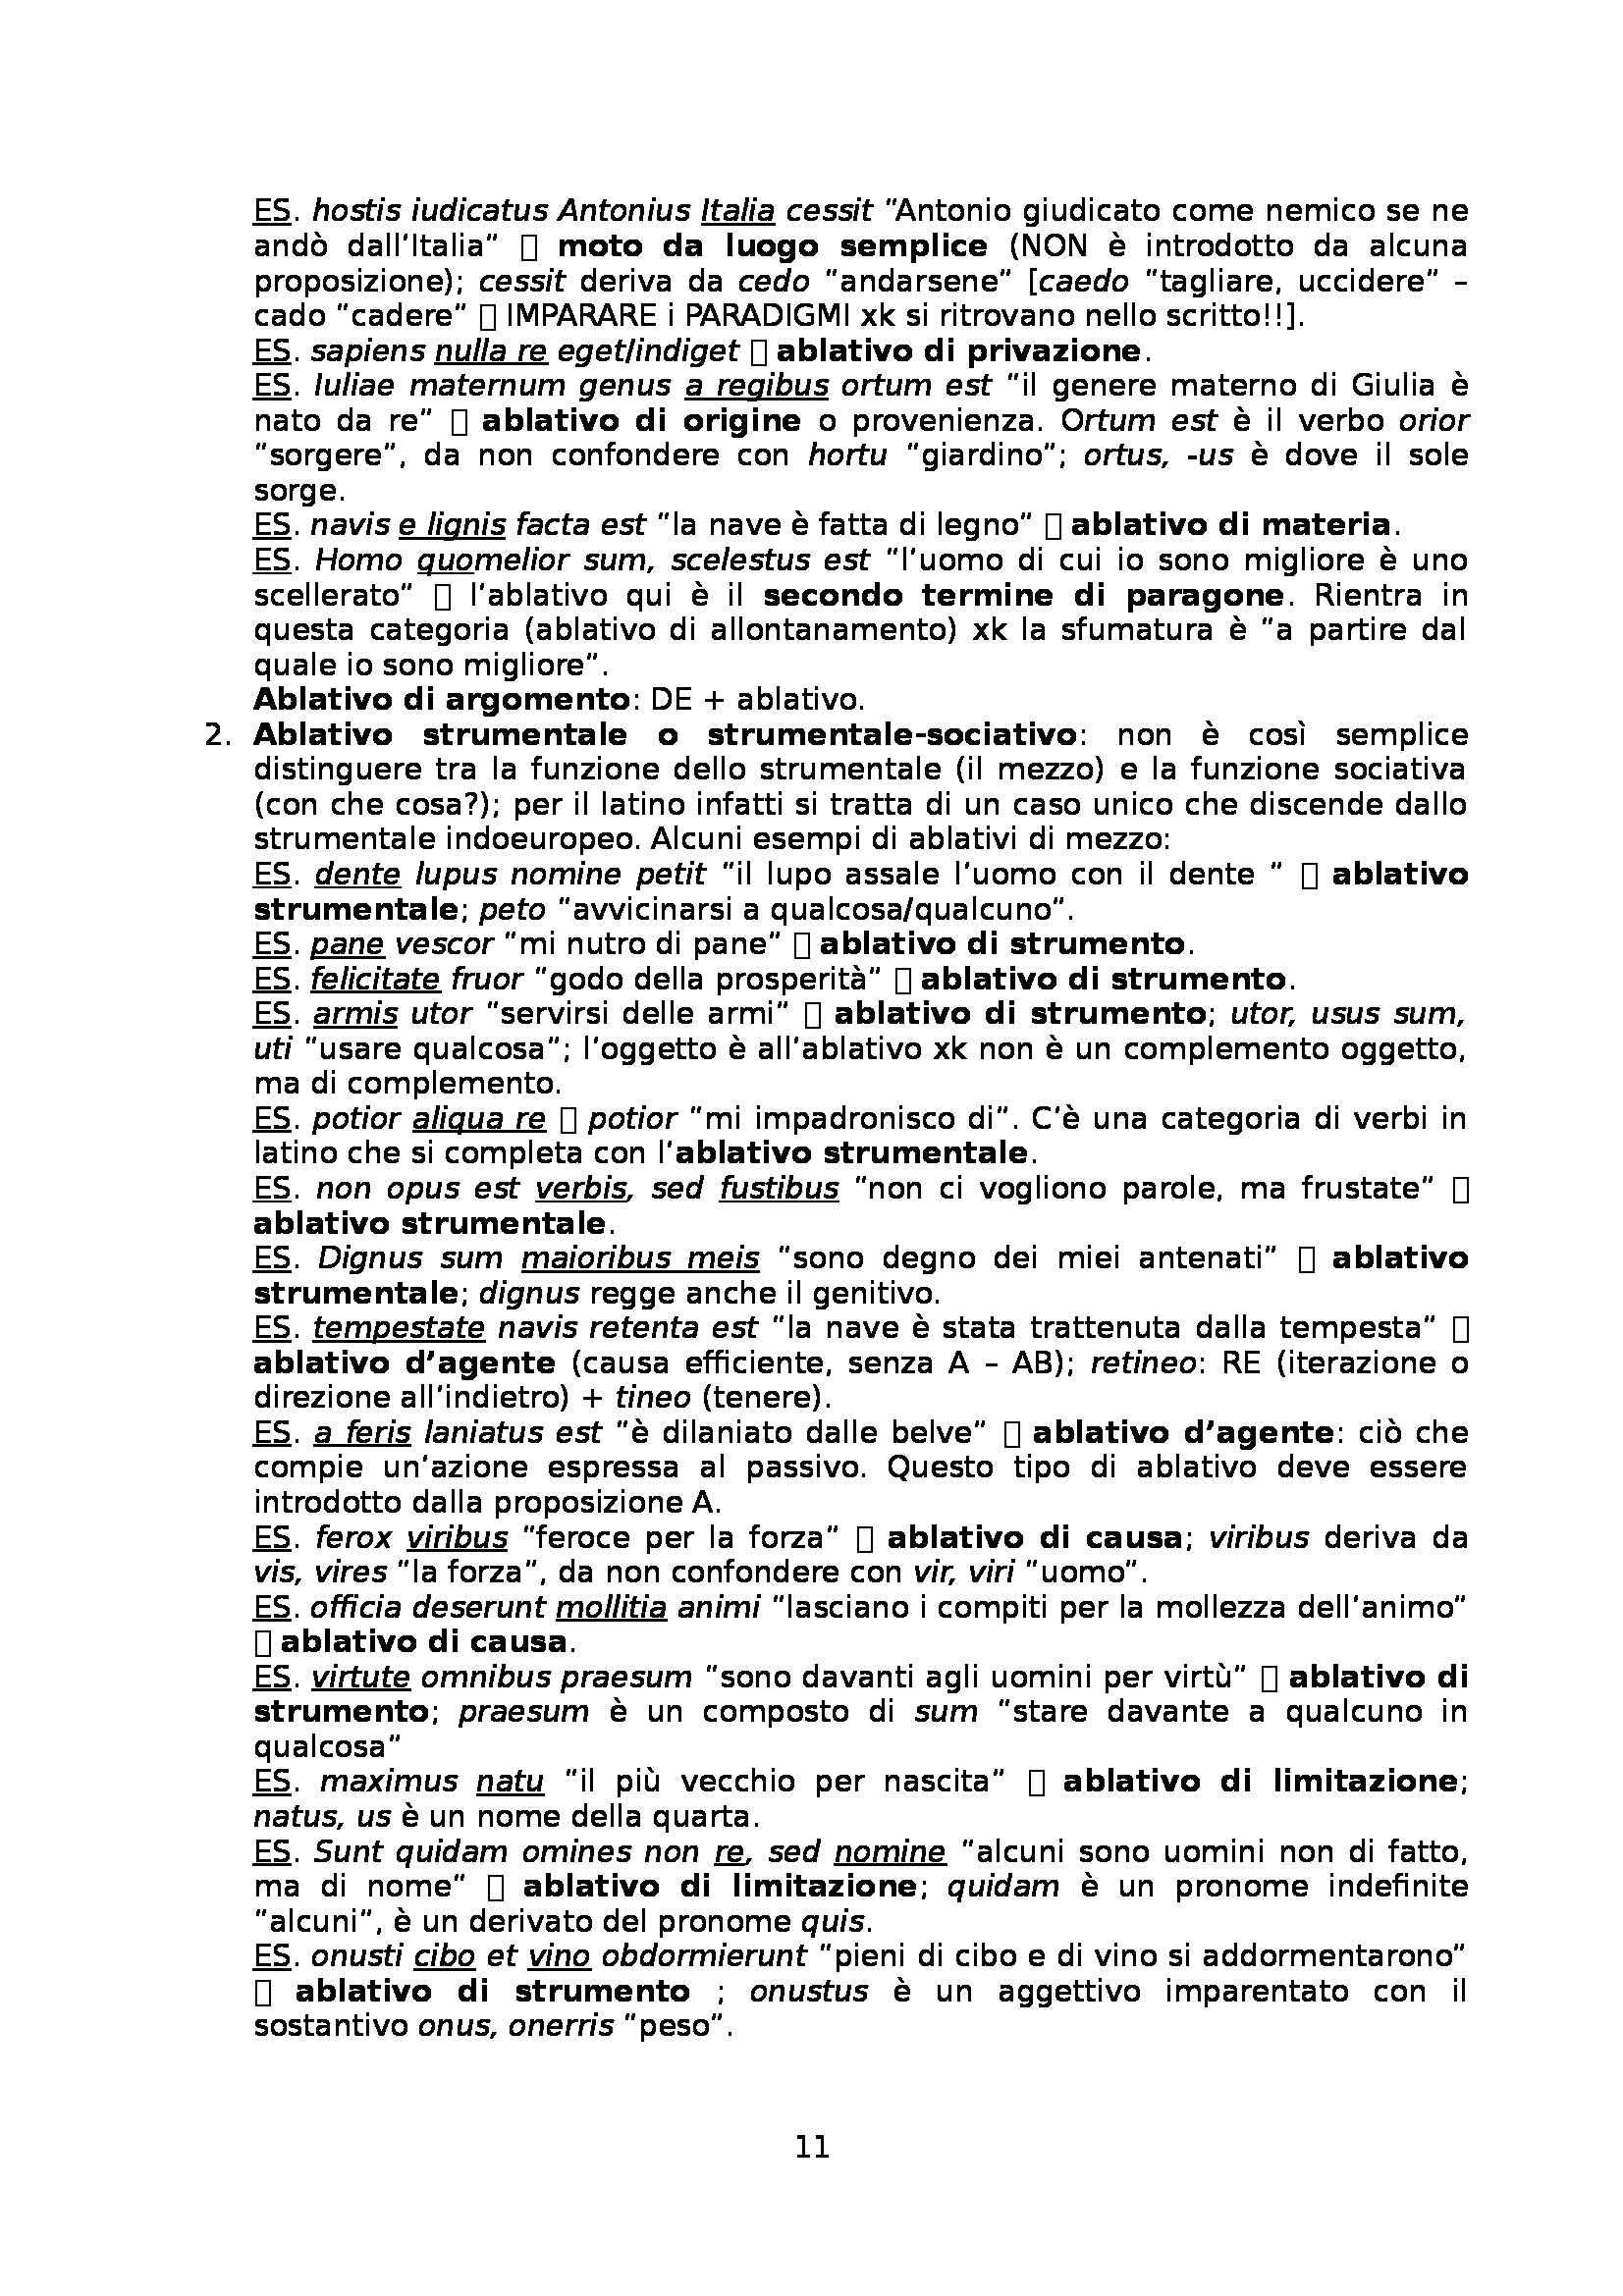 Letteratura latina - Appunti (parte due) Pag. 11